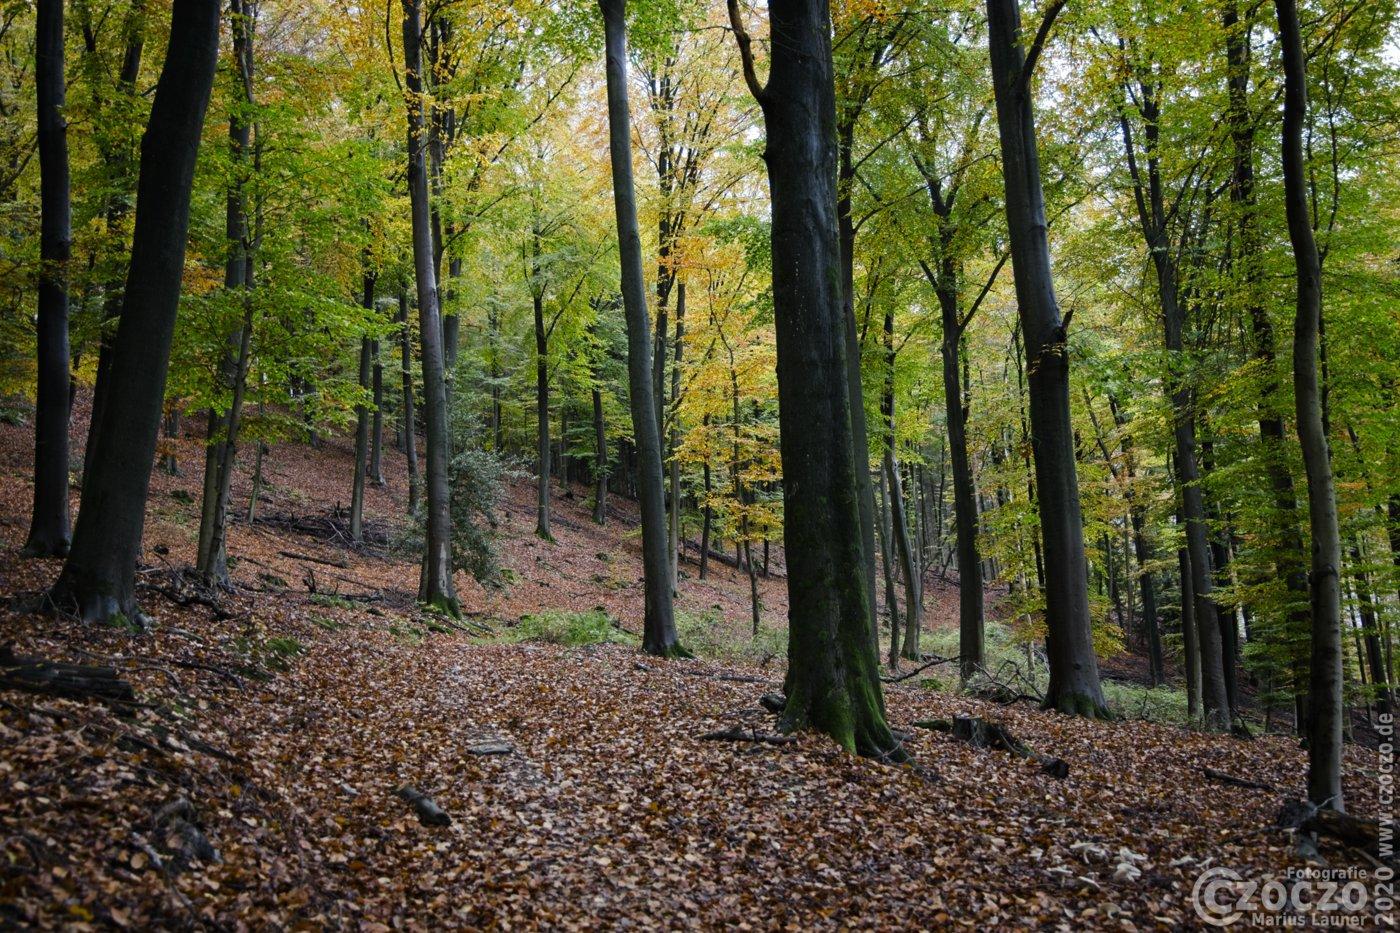 20201026-Wald-im-Oktober-9A1A9368